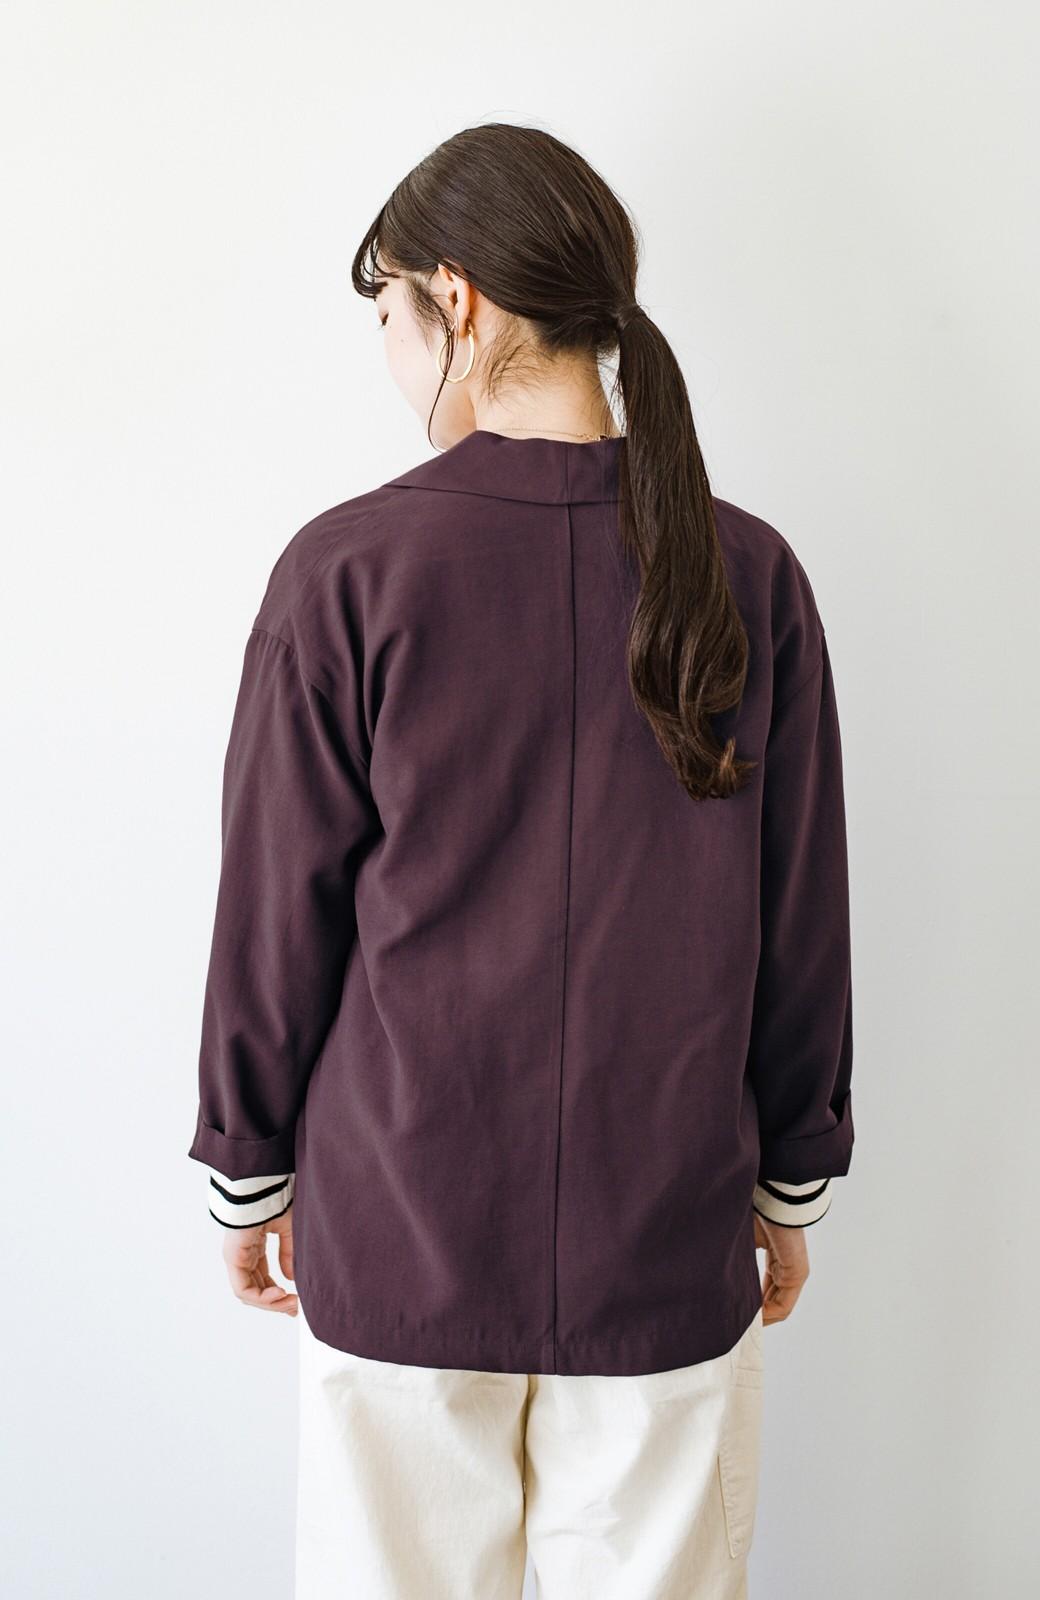 haco! さらりと羽織ってきれい見え カジュアルにも着られてほどよいきちんと感が頼りになるリラックスジャケット <チョコ>の商品写真16